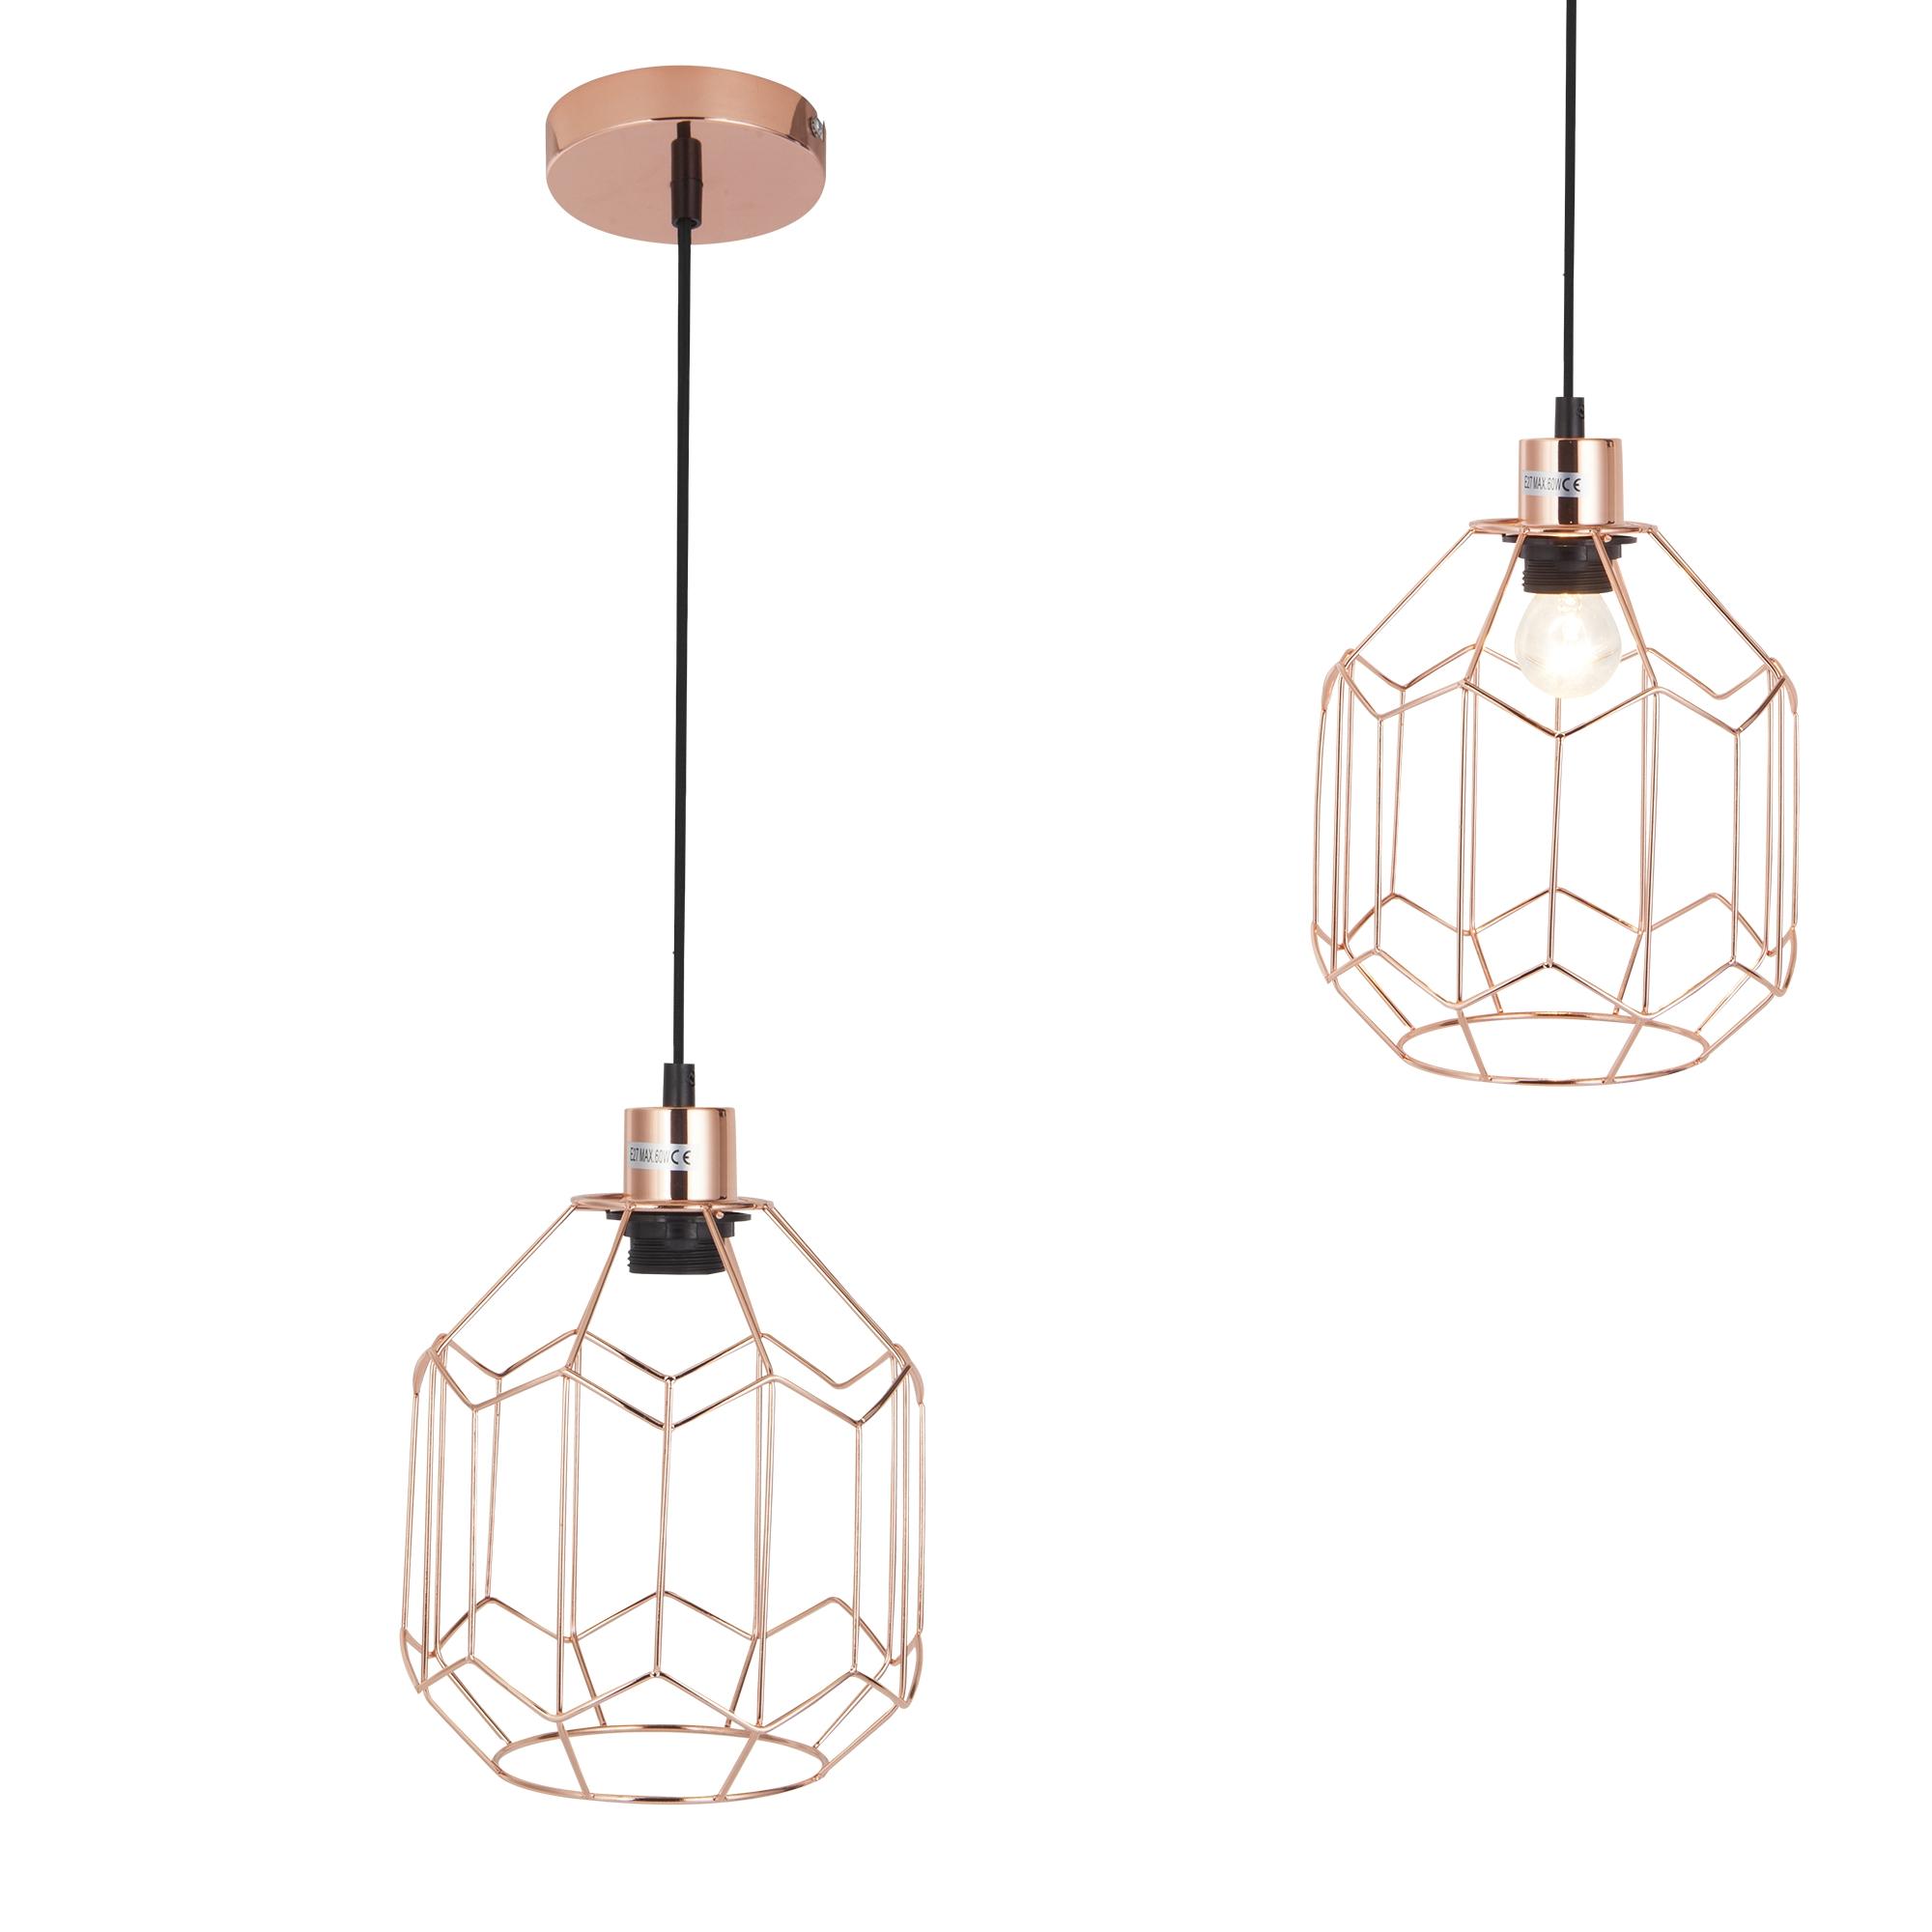 [lux.pro]® Dekoratívní designové závěsné svítidlo / stropní svítidlo - měděné (1 x E27)